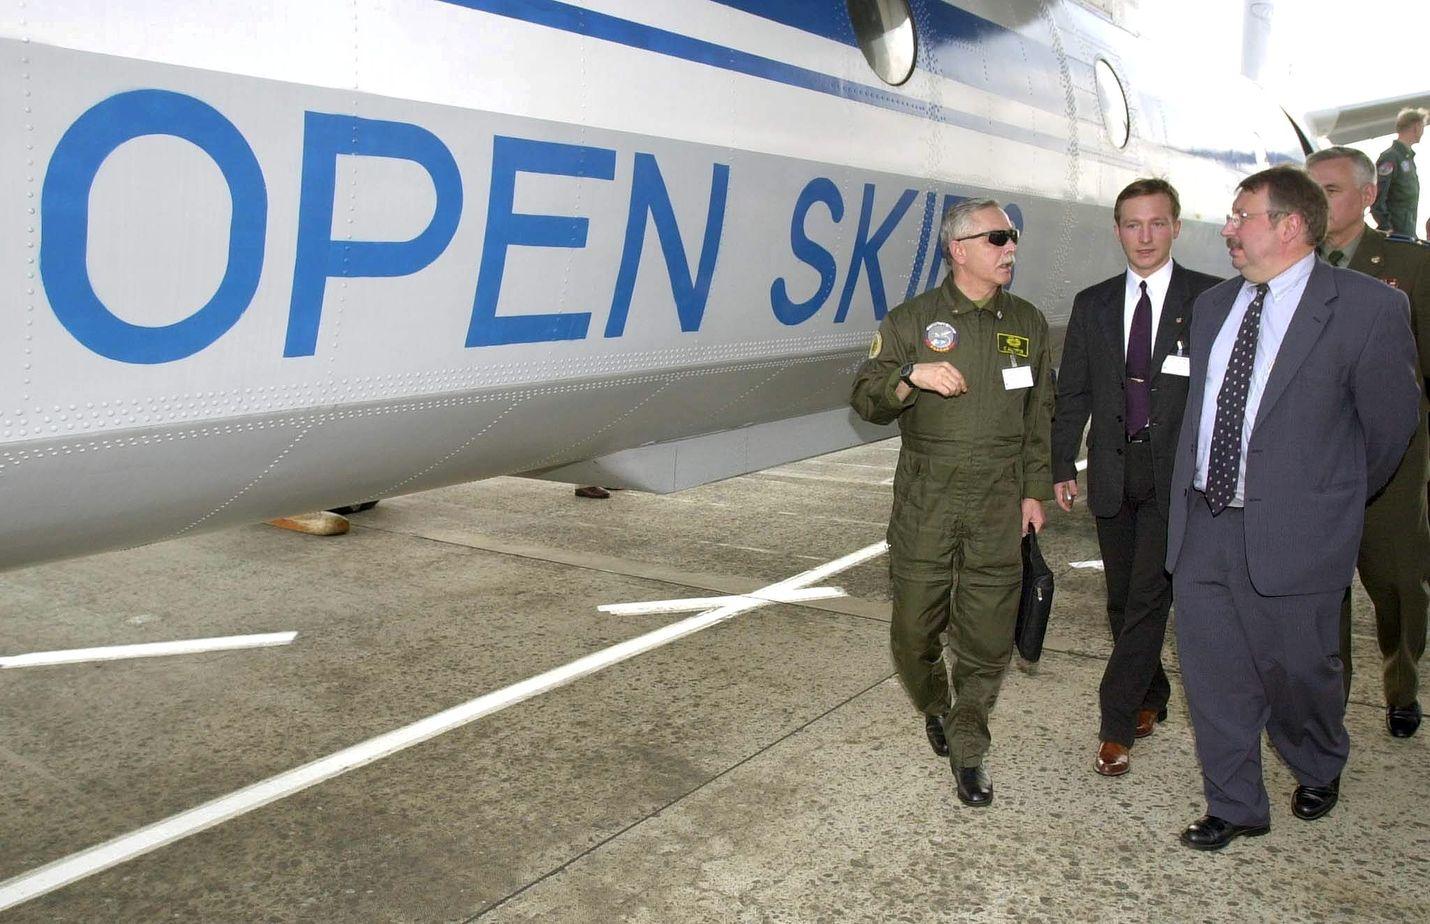 Avoin taivas -sopimukseen kuuluu 35 maata, ja valvonta- ja kuvauslennot alkoivat vuonna 2002. Belgian silloinen puolustusministeri Andre Flahaut katsasti venäläisen Antonov-koneen Brysellissä elokuussa 2002.